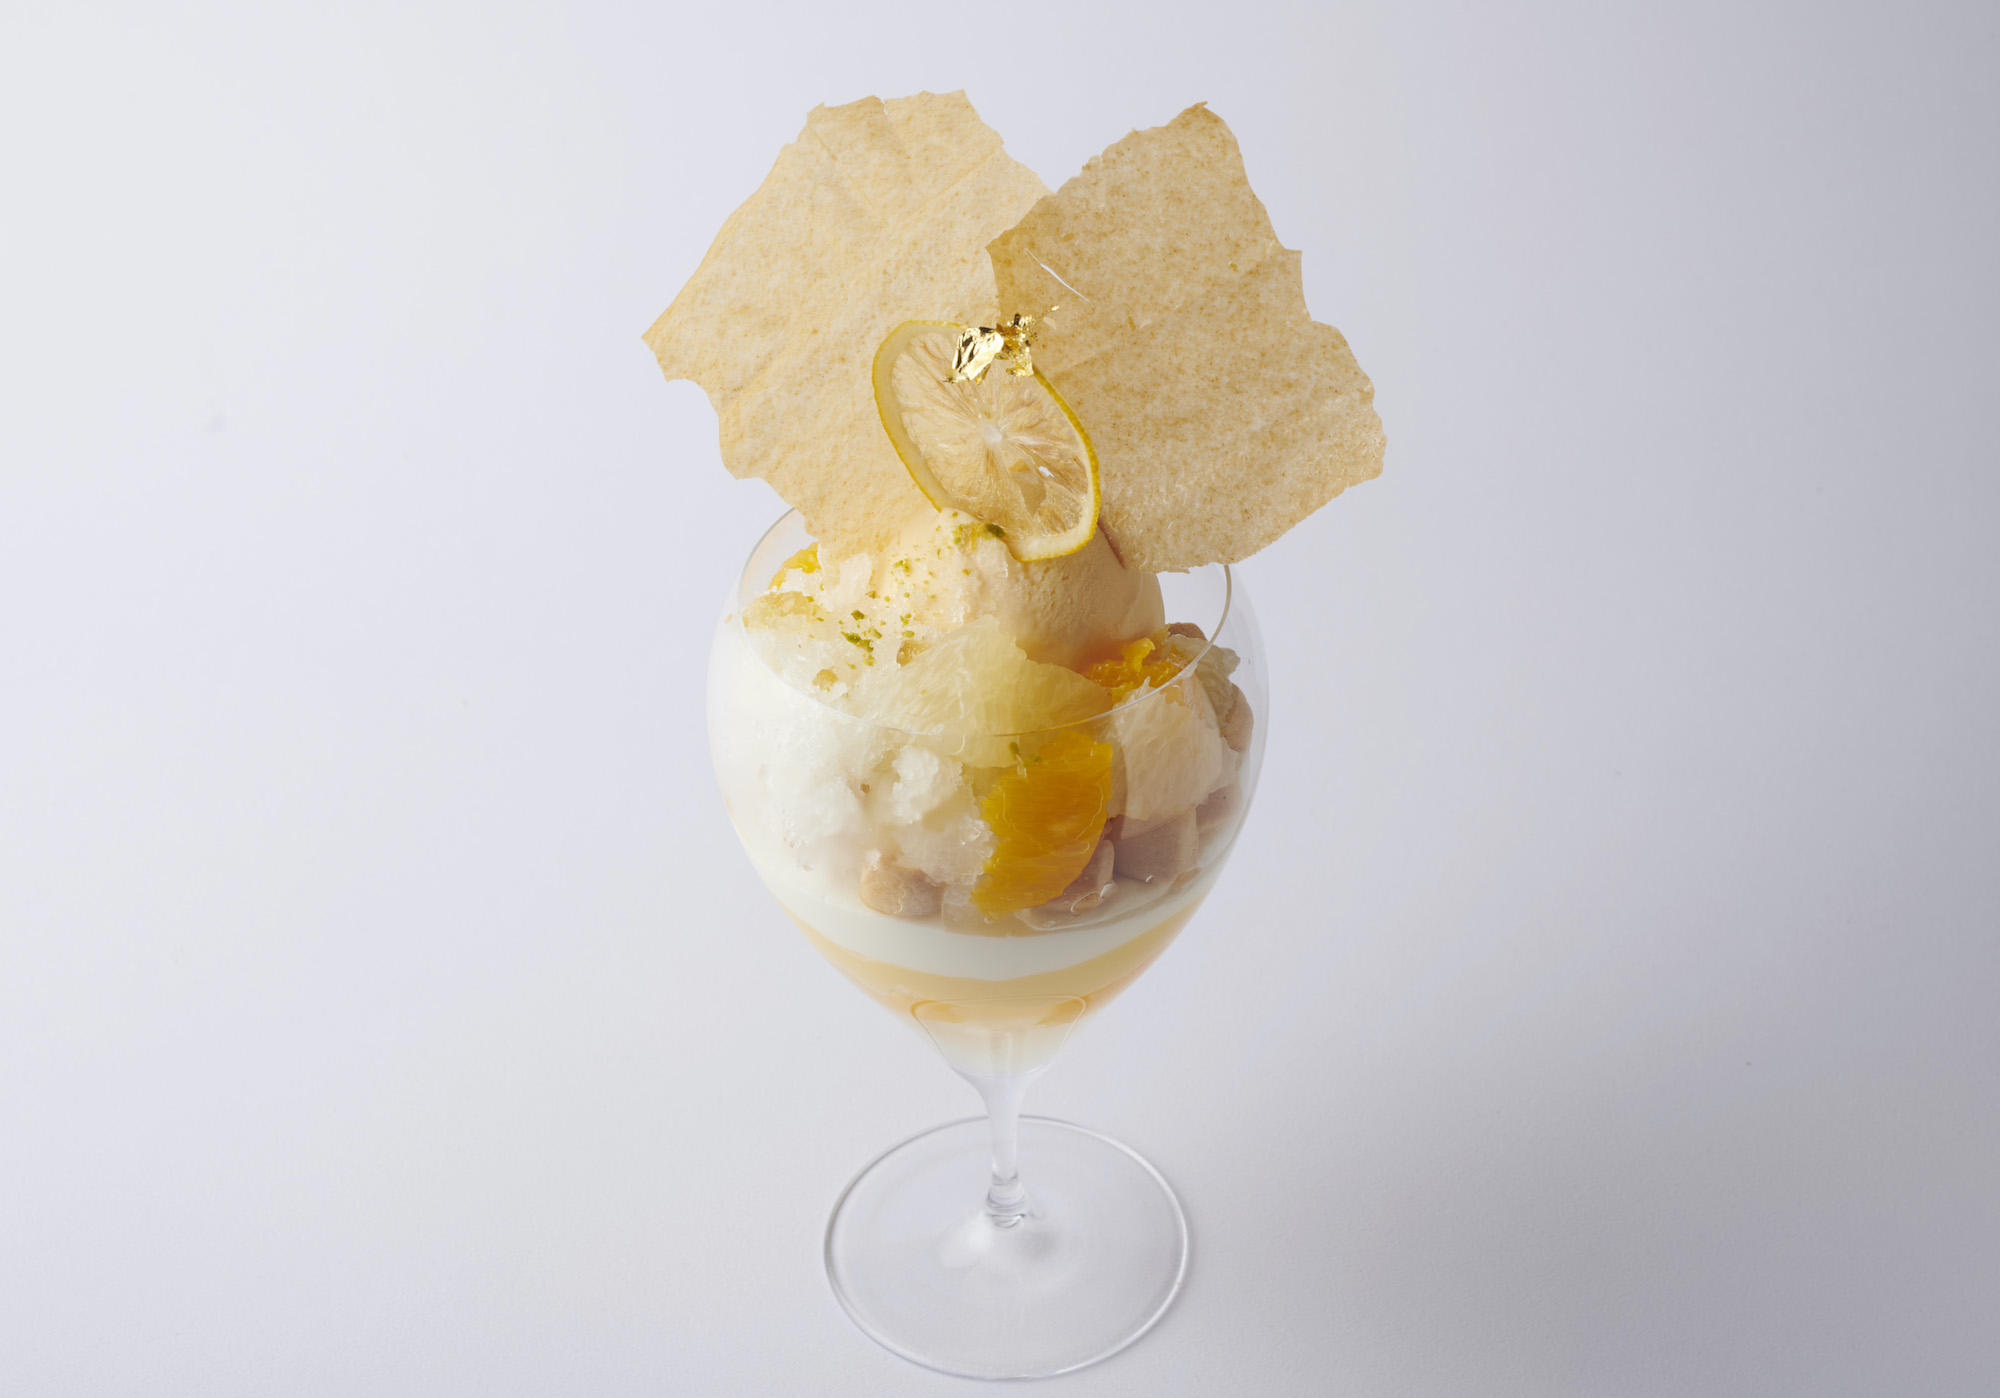 エンポリオ アルマーニ カフェ 青山・1 月のパフェ「柚子とレアチーズのパフェ」